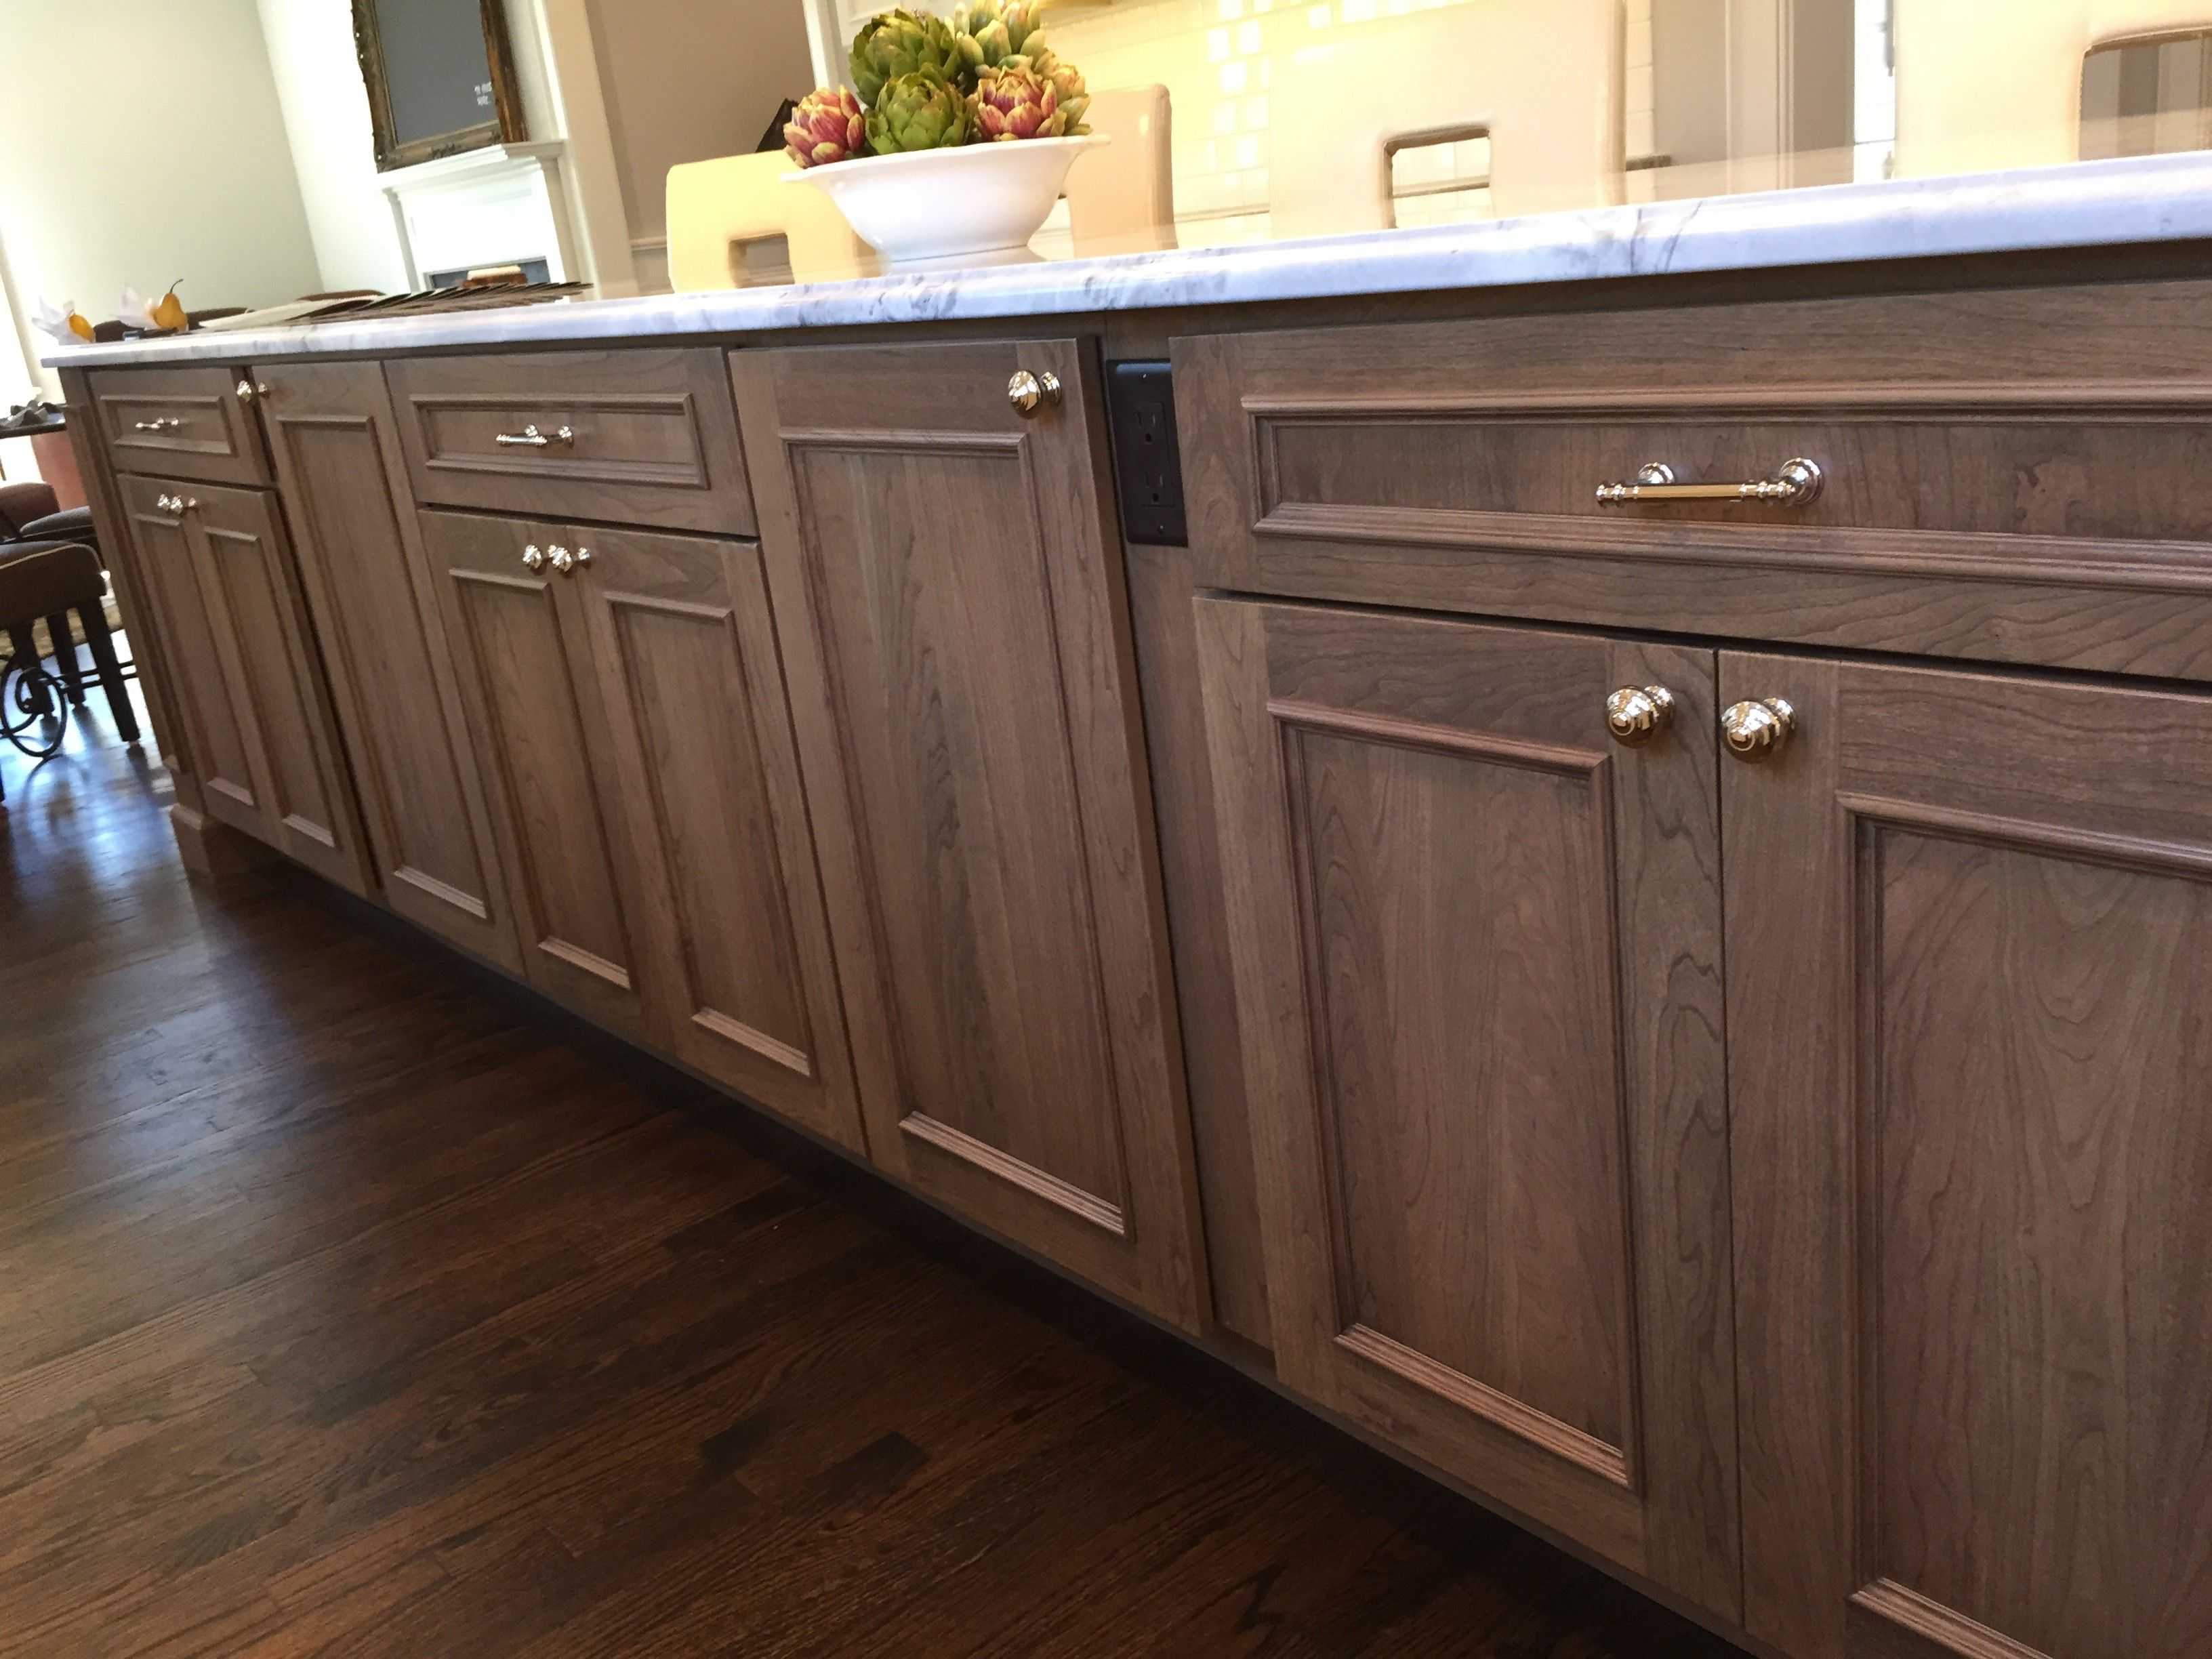 heavy duty cabinet hardware - Schnelle Tipps, wie Sie Erstellen Sie ...